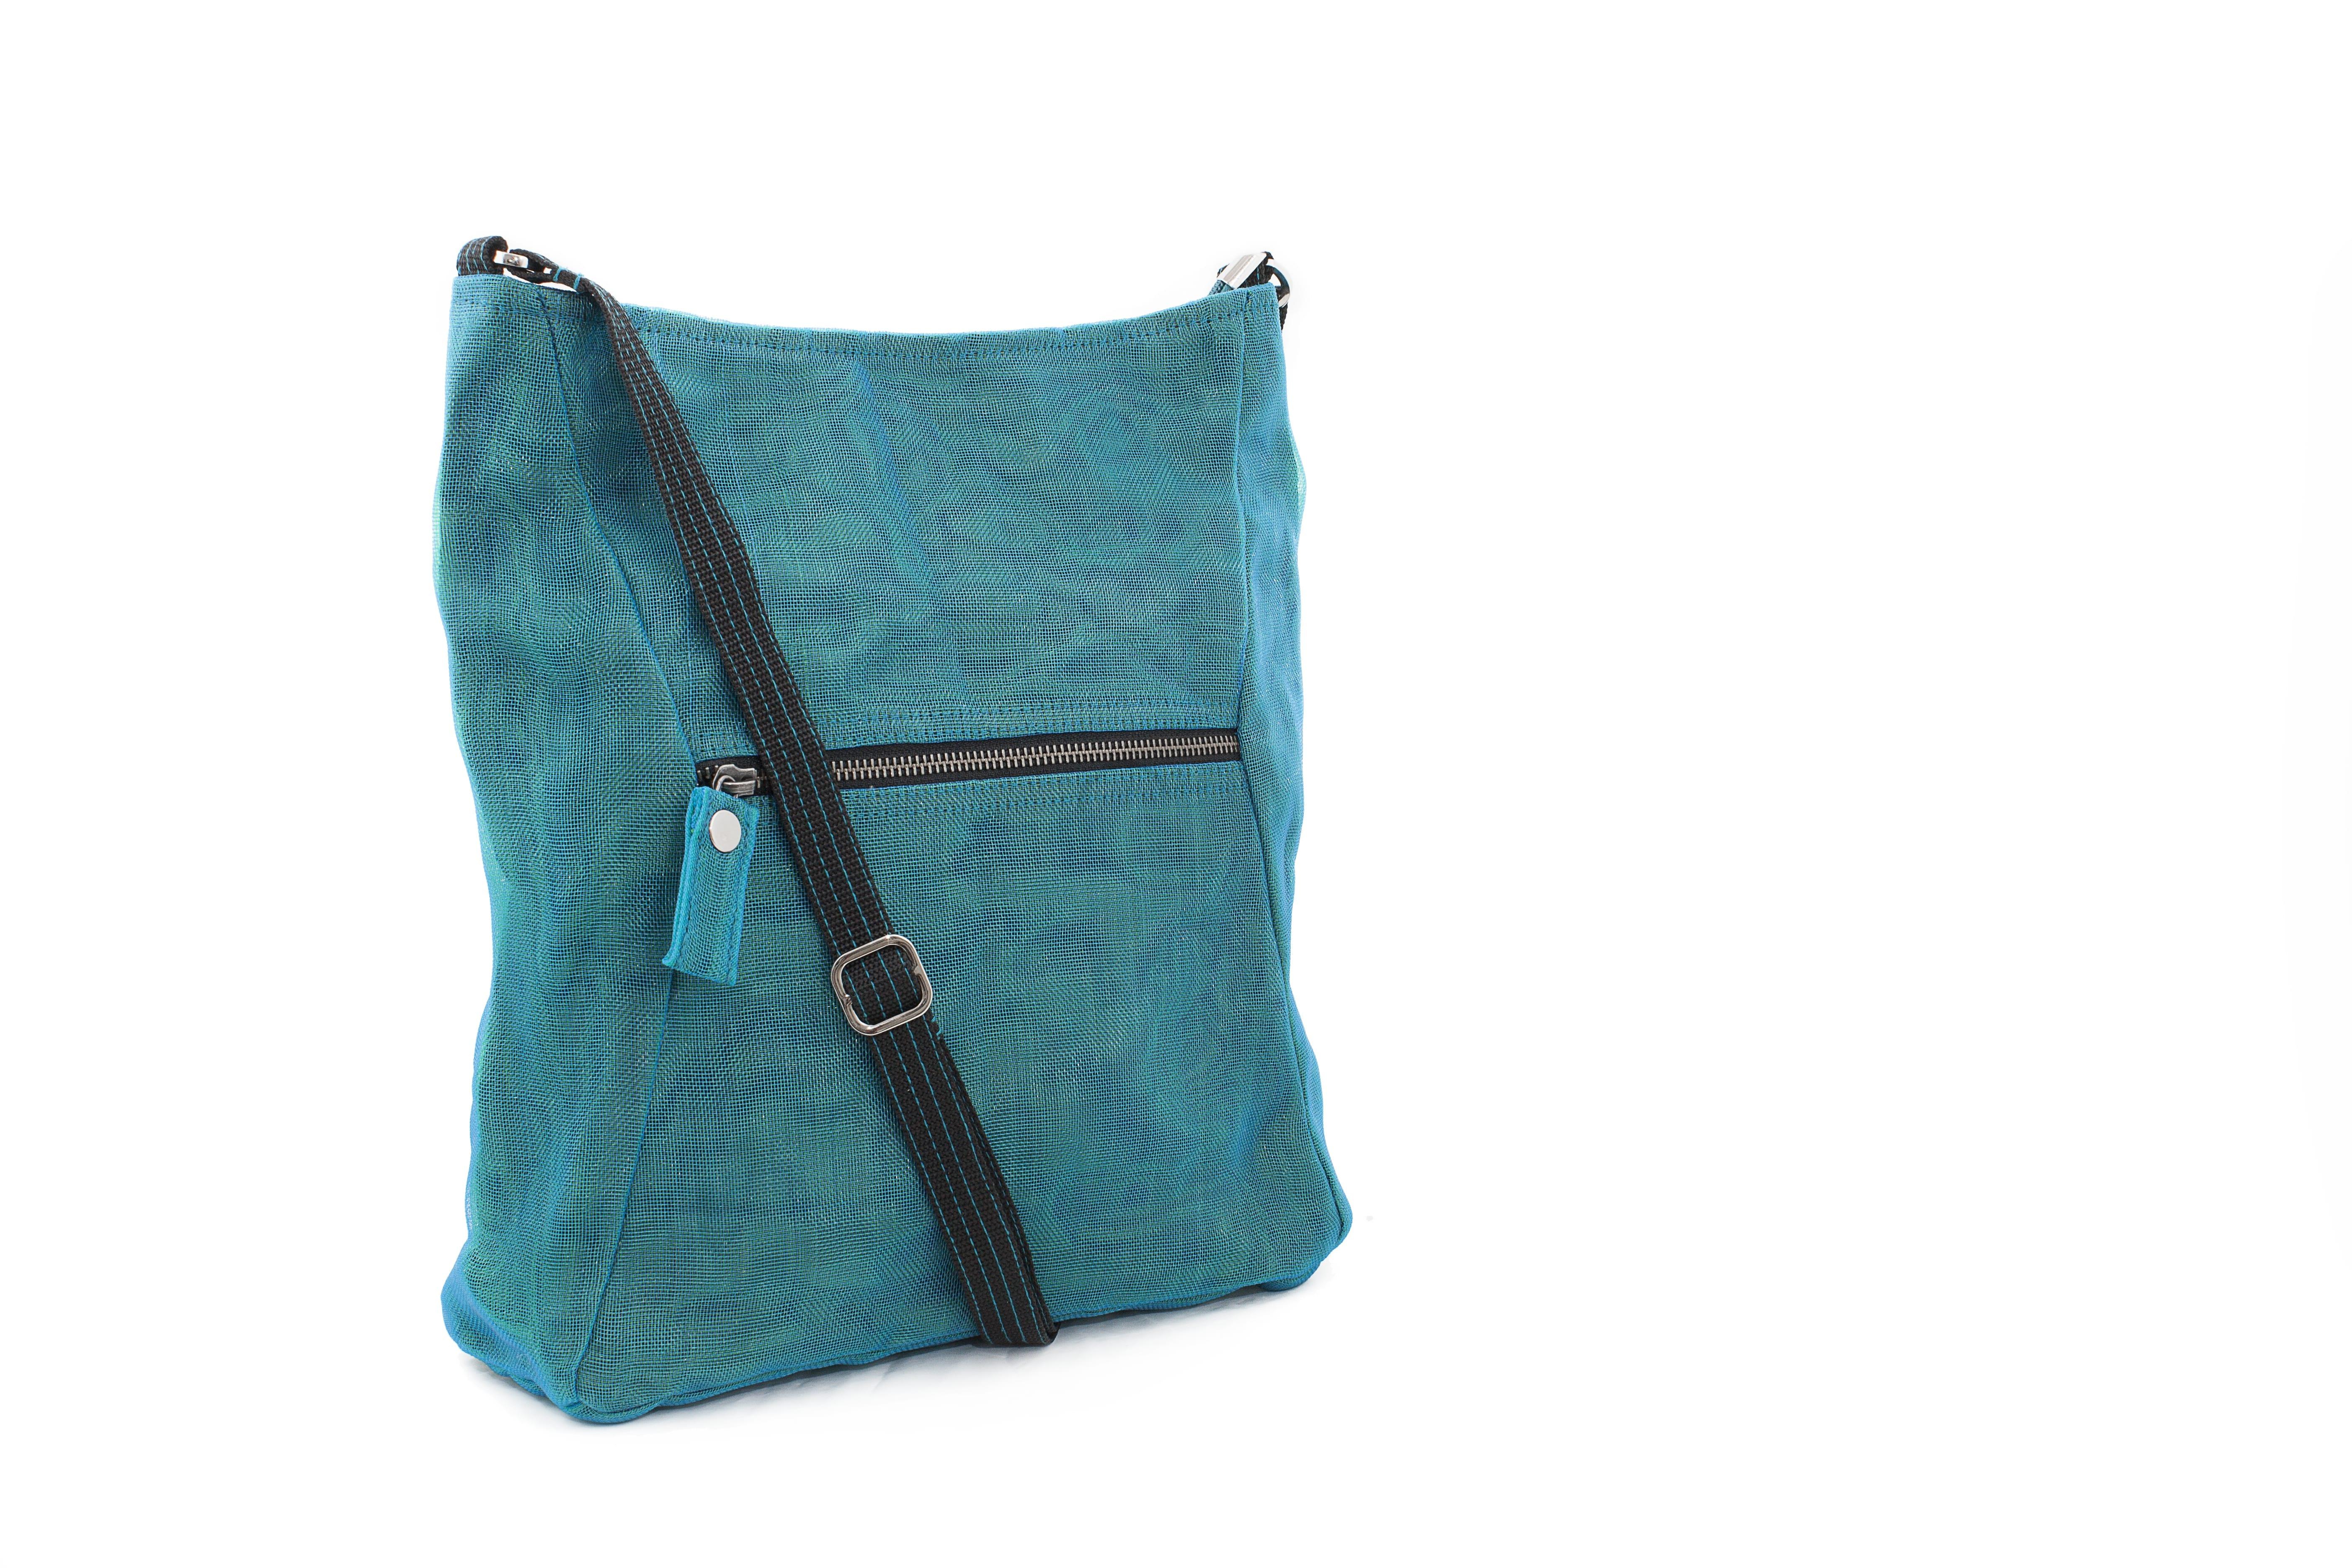 Peer - Ethical shoulder bag - Oil blue